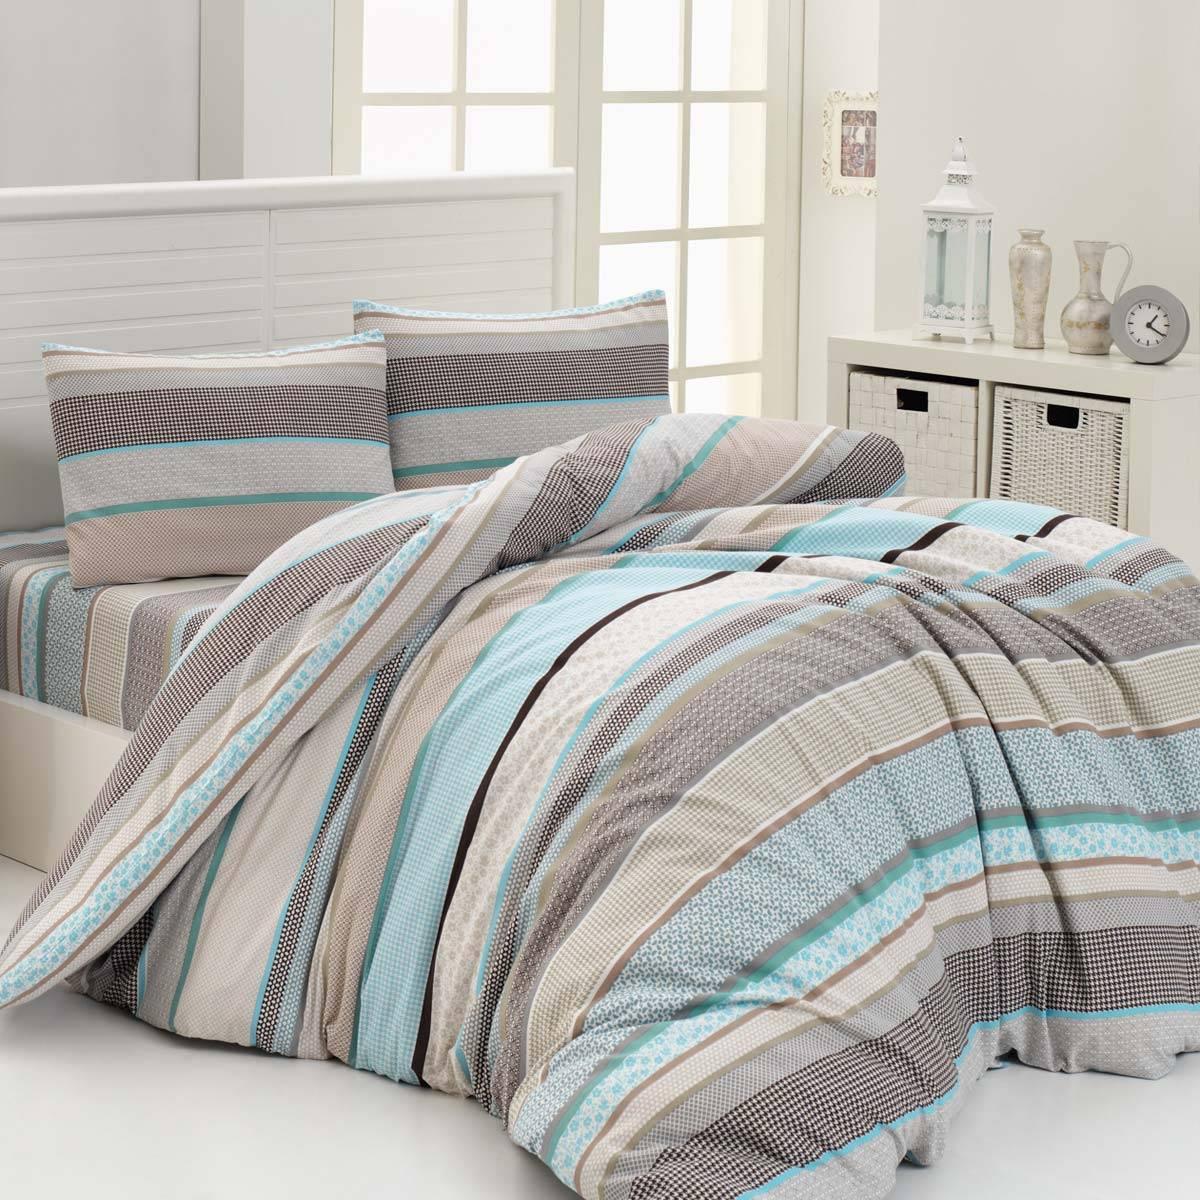 Комплекты постельного белья Arya ar588692